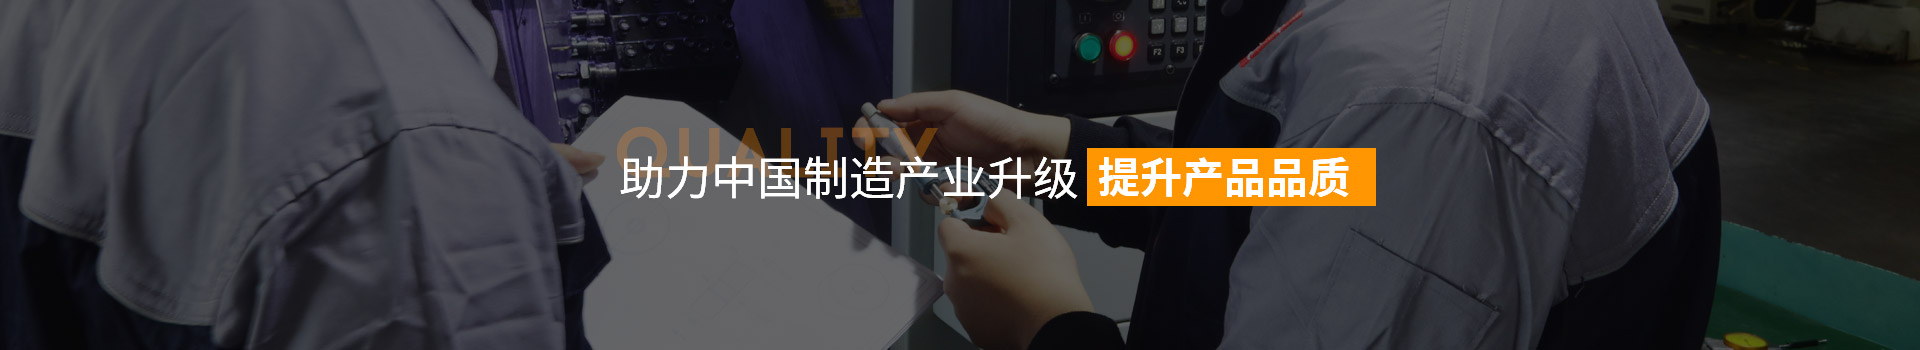 迪越精工-助力中国制造产业升级